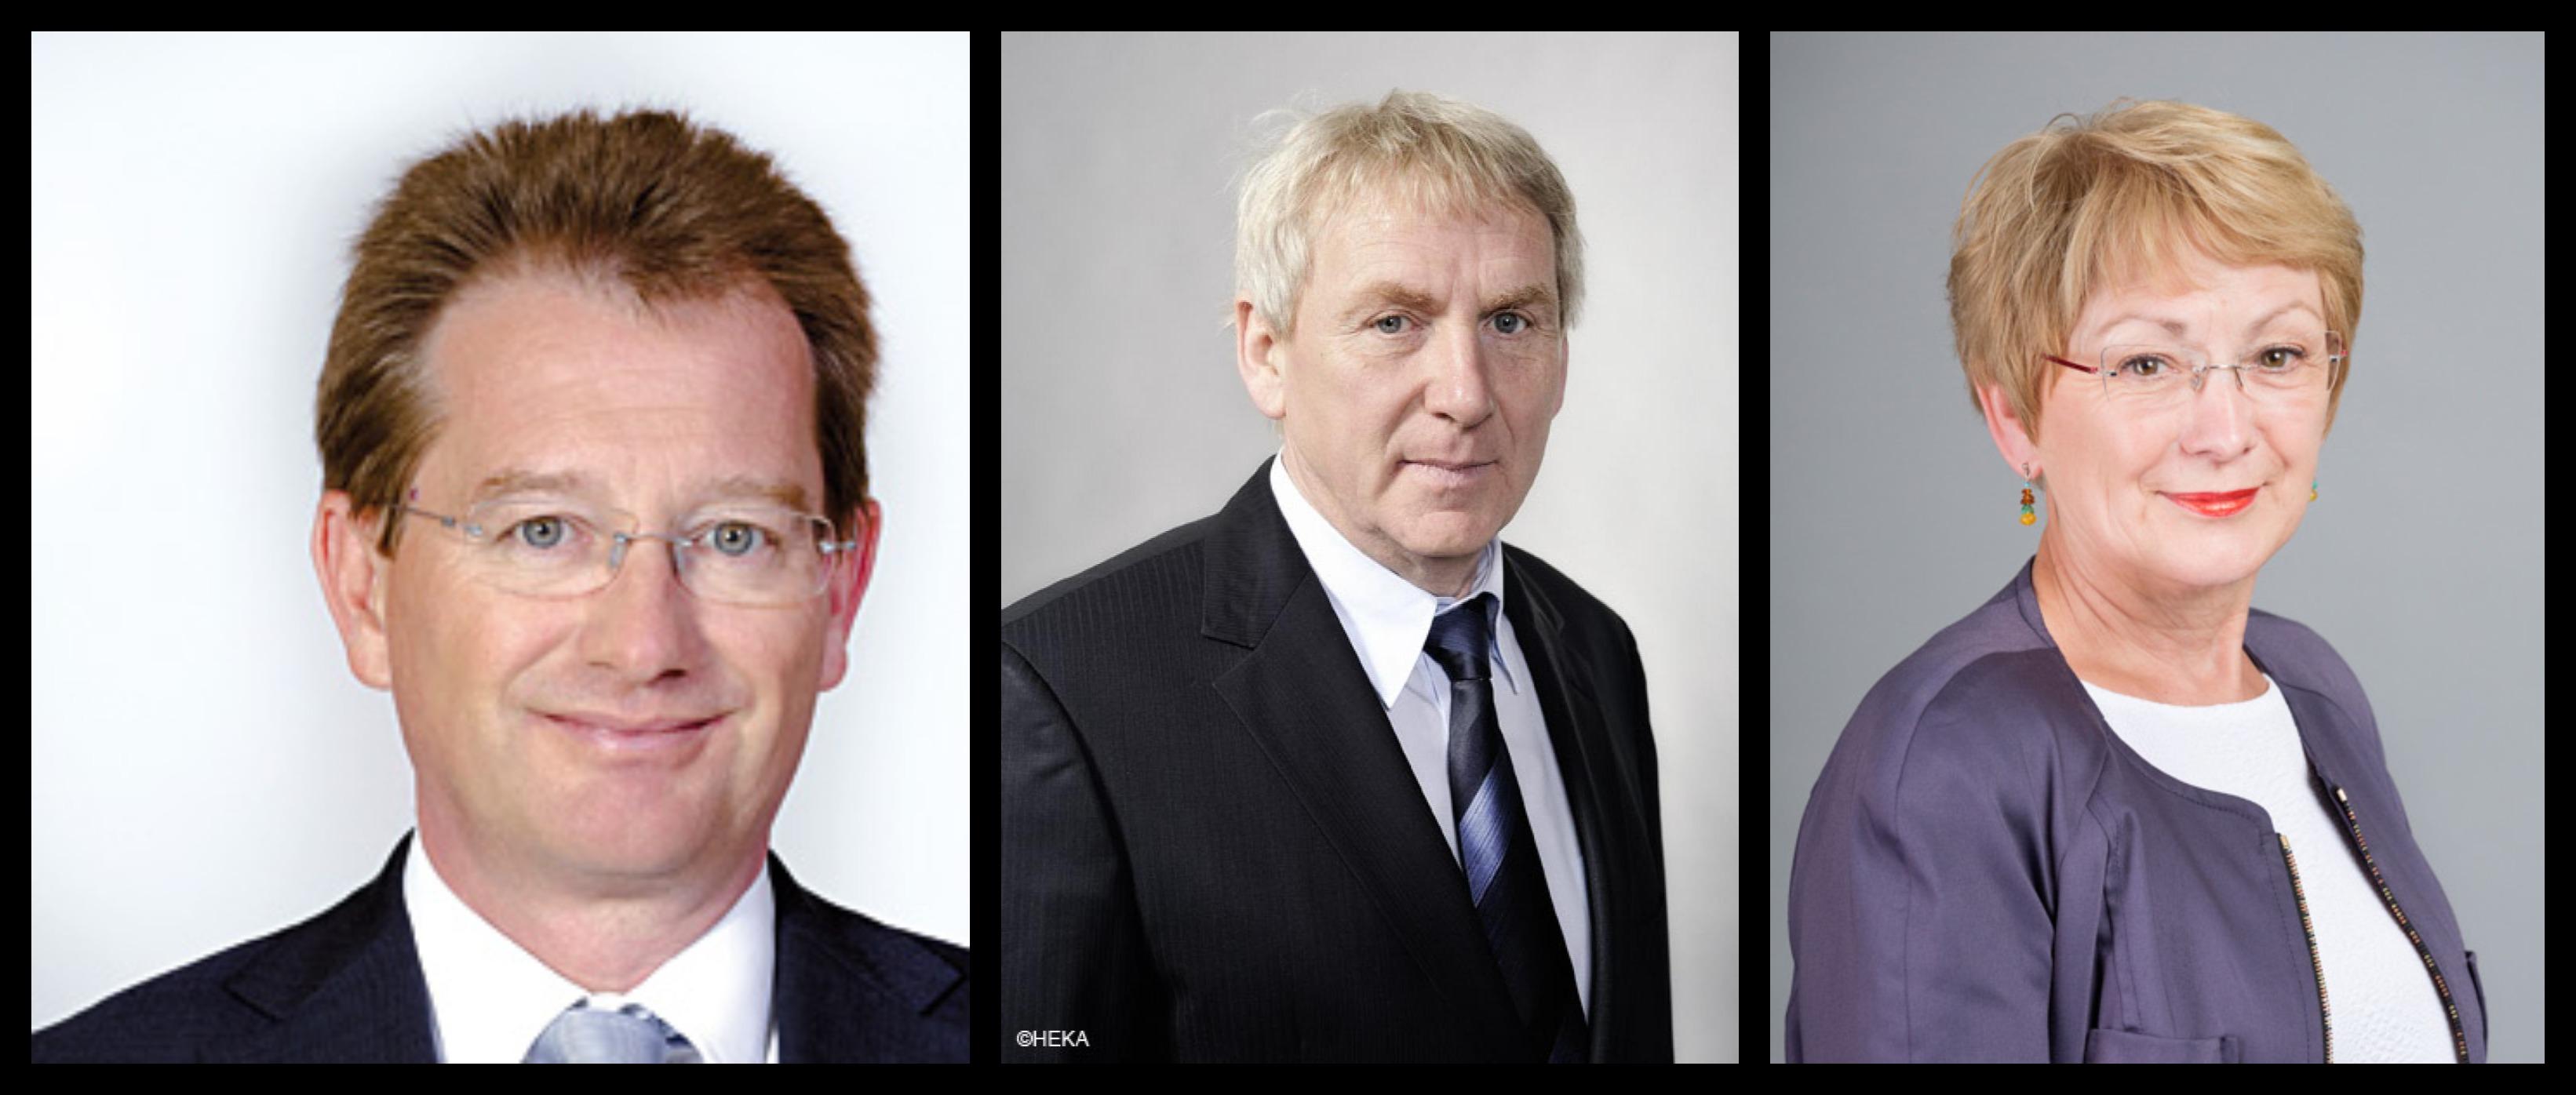 Les élus de gauche : Ddier Marie, Thierry Foucaud, Nelly Tocqueville